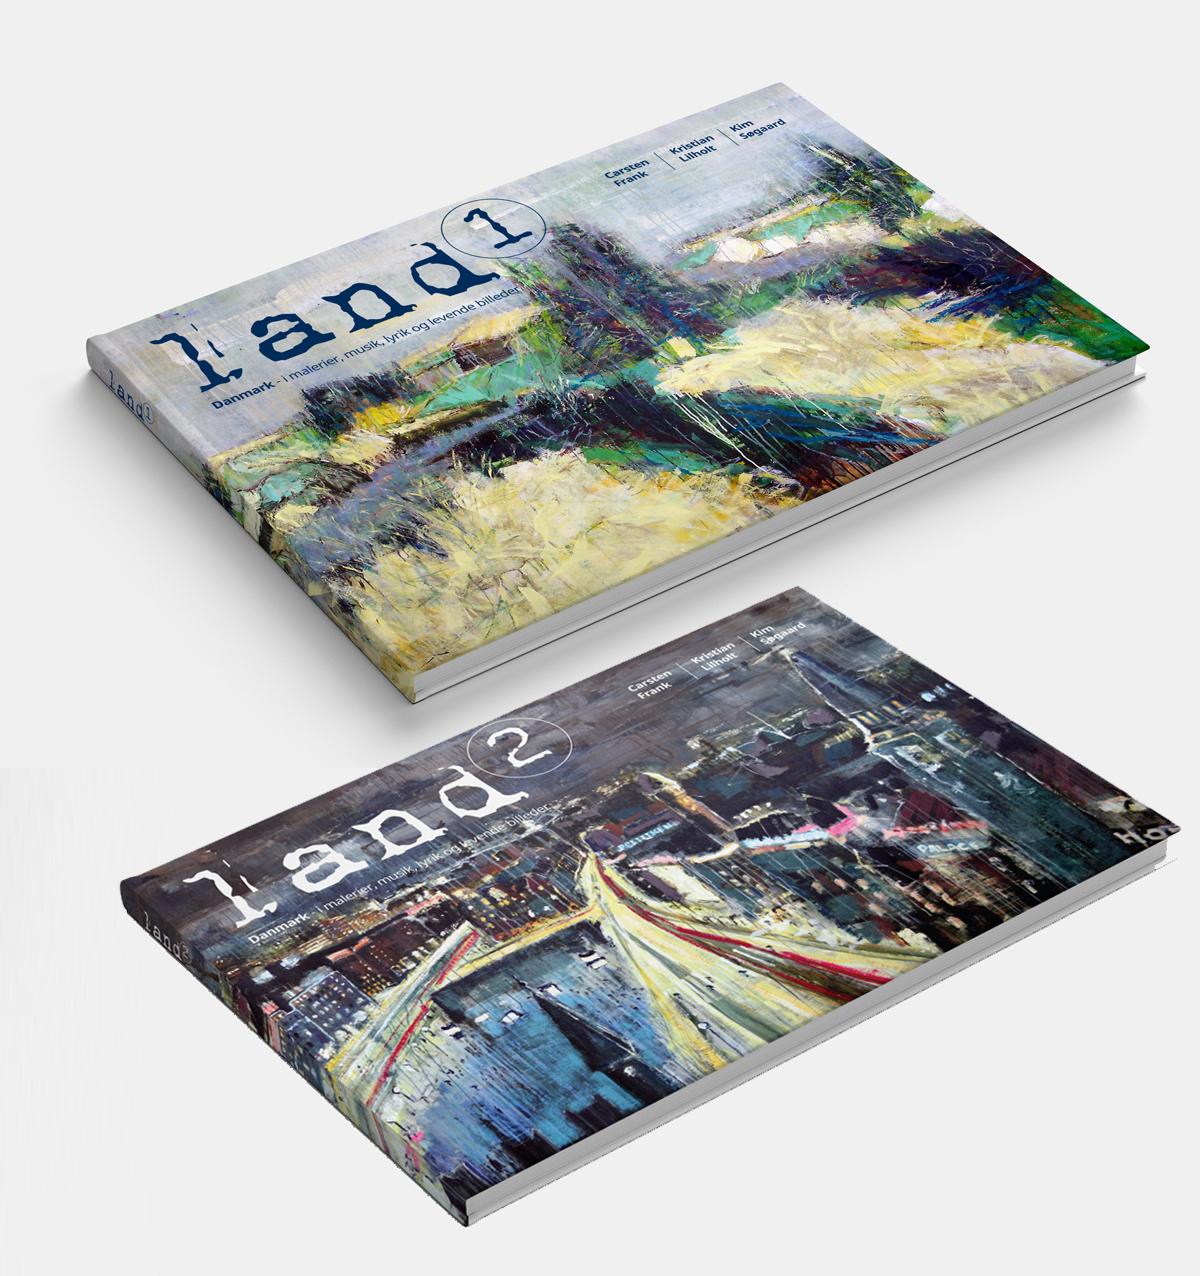 Det Fuldendte LAND - Carsten Frank / Kristian Lilholt / Kim Søgaard - Musik - Land - 9954433826427 - 2020